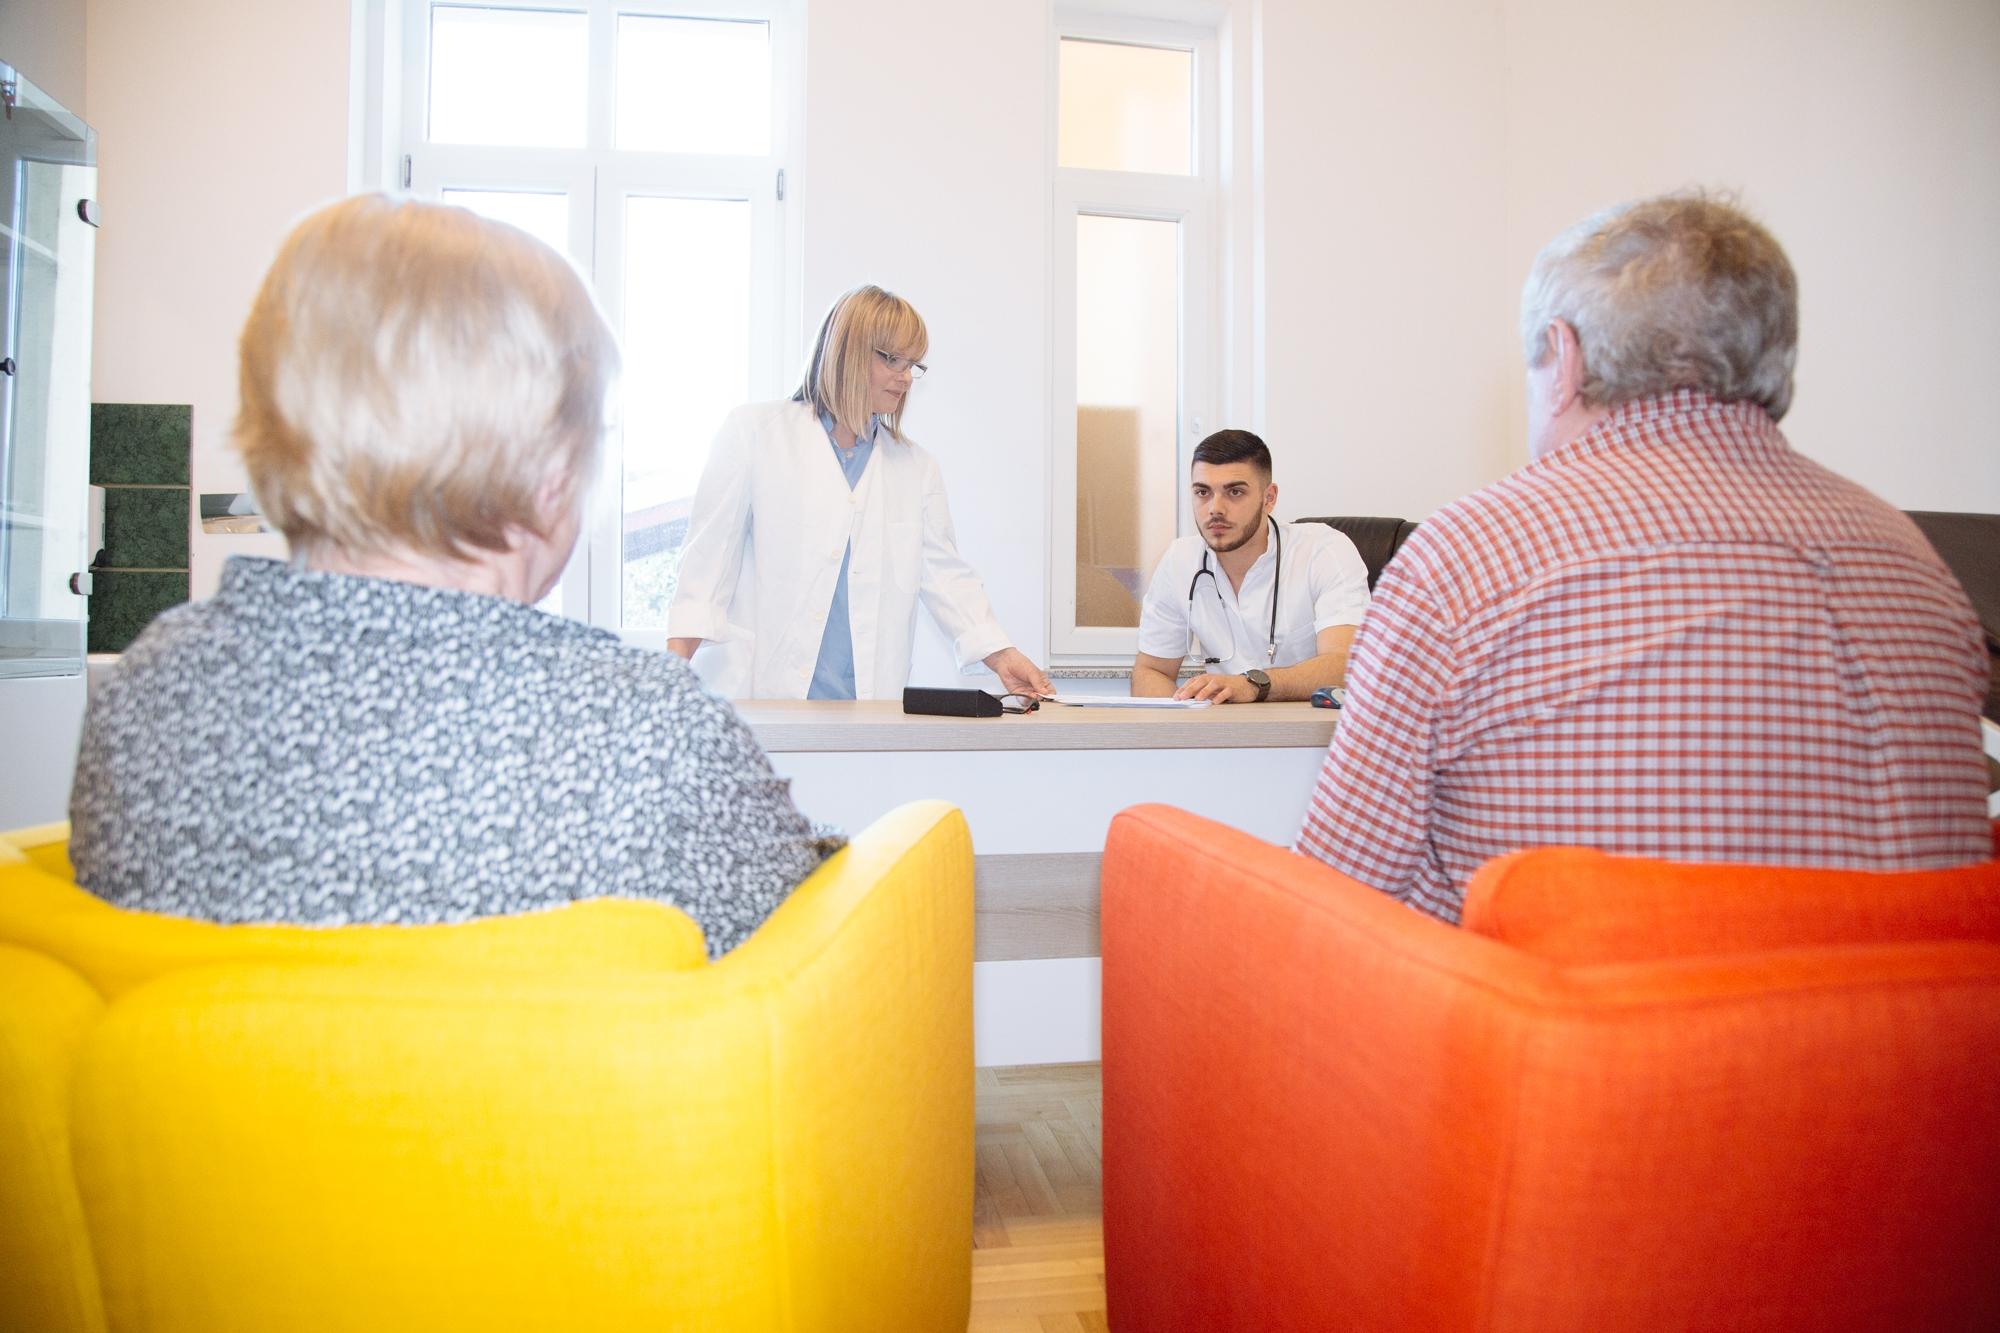 <p><em>Poliklinika za psihijatriju, fizikalnu medicinu, fizikalnu terapiju i rehabilitaciju 'Novoselec' – kao jedina takva na području Slavonije. Za veću kvalitetu života cijele obitelji uz mogućnost prevencije, kvalitetnog rada na sebi, unapređenju fizičkog i psihičkog zdravlja, suradnju i edukaciju, sada i ovdje.</em></p>